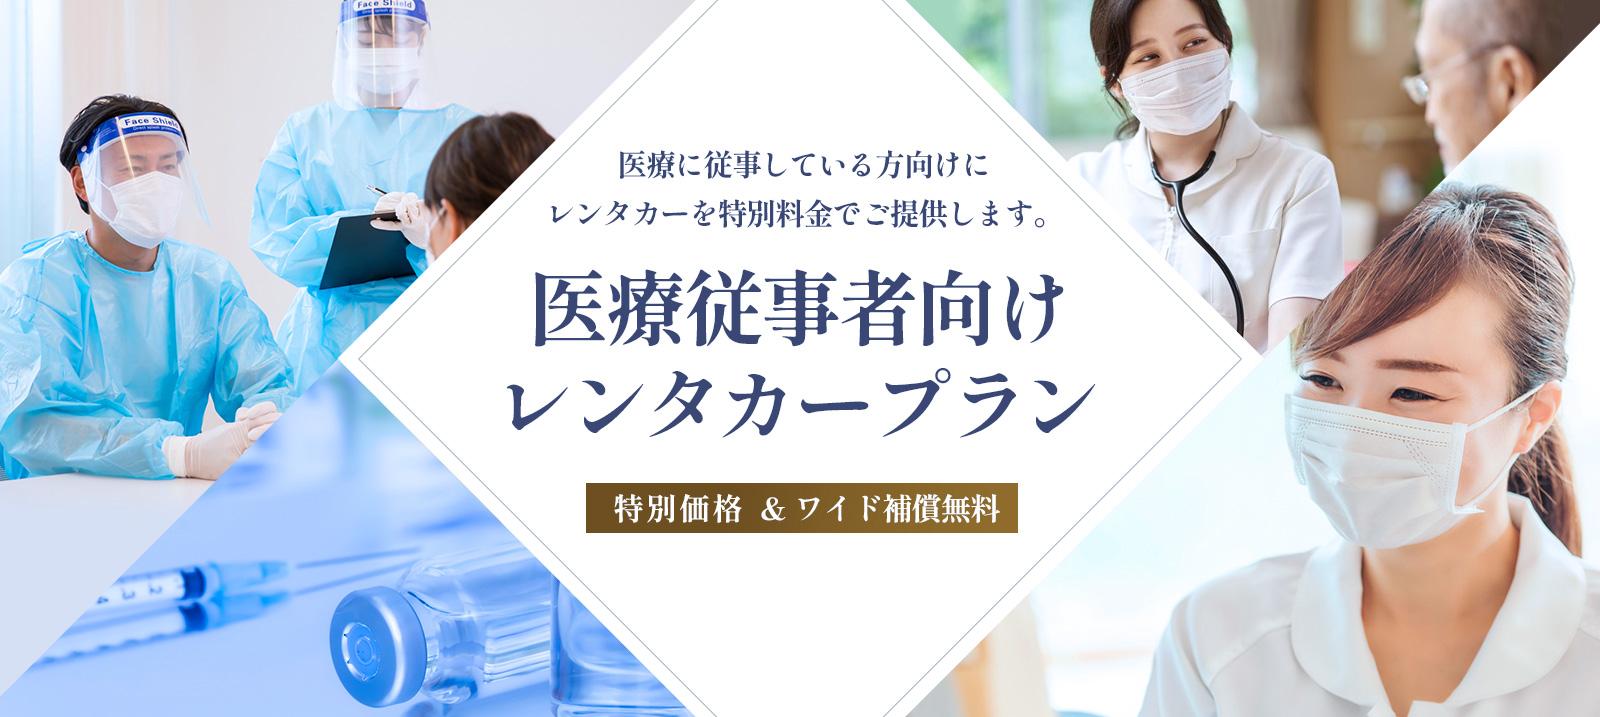 医療従事者向けレンタカープラン【沖縄地区限定】